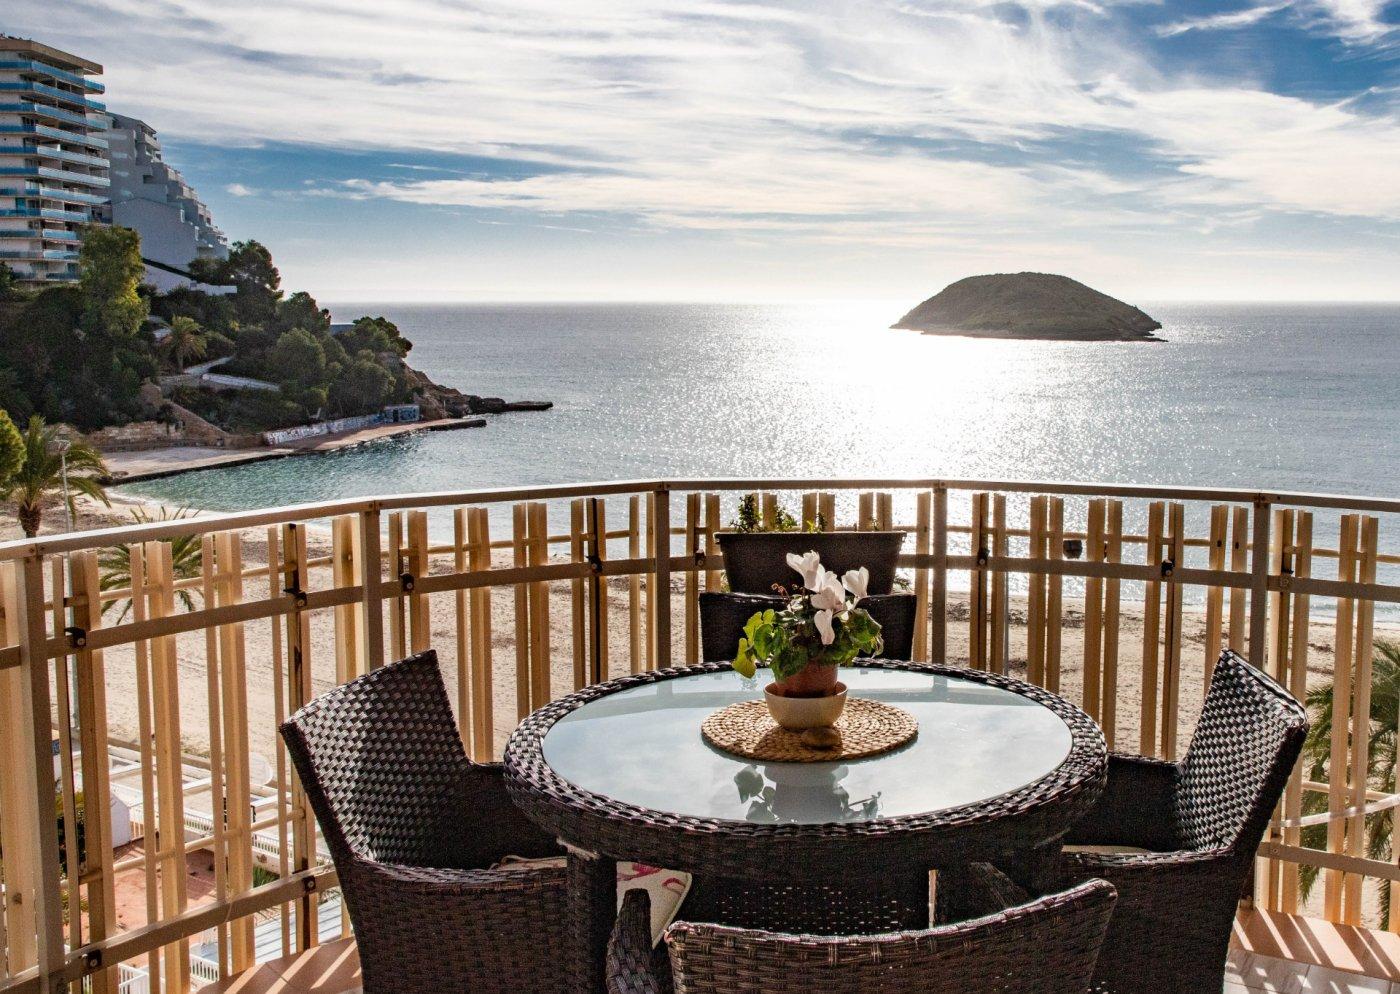 Alquiler con opcion de compra!espectacular apartamento con vistas al mar y parking propio - imagenInmueble1